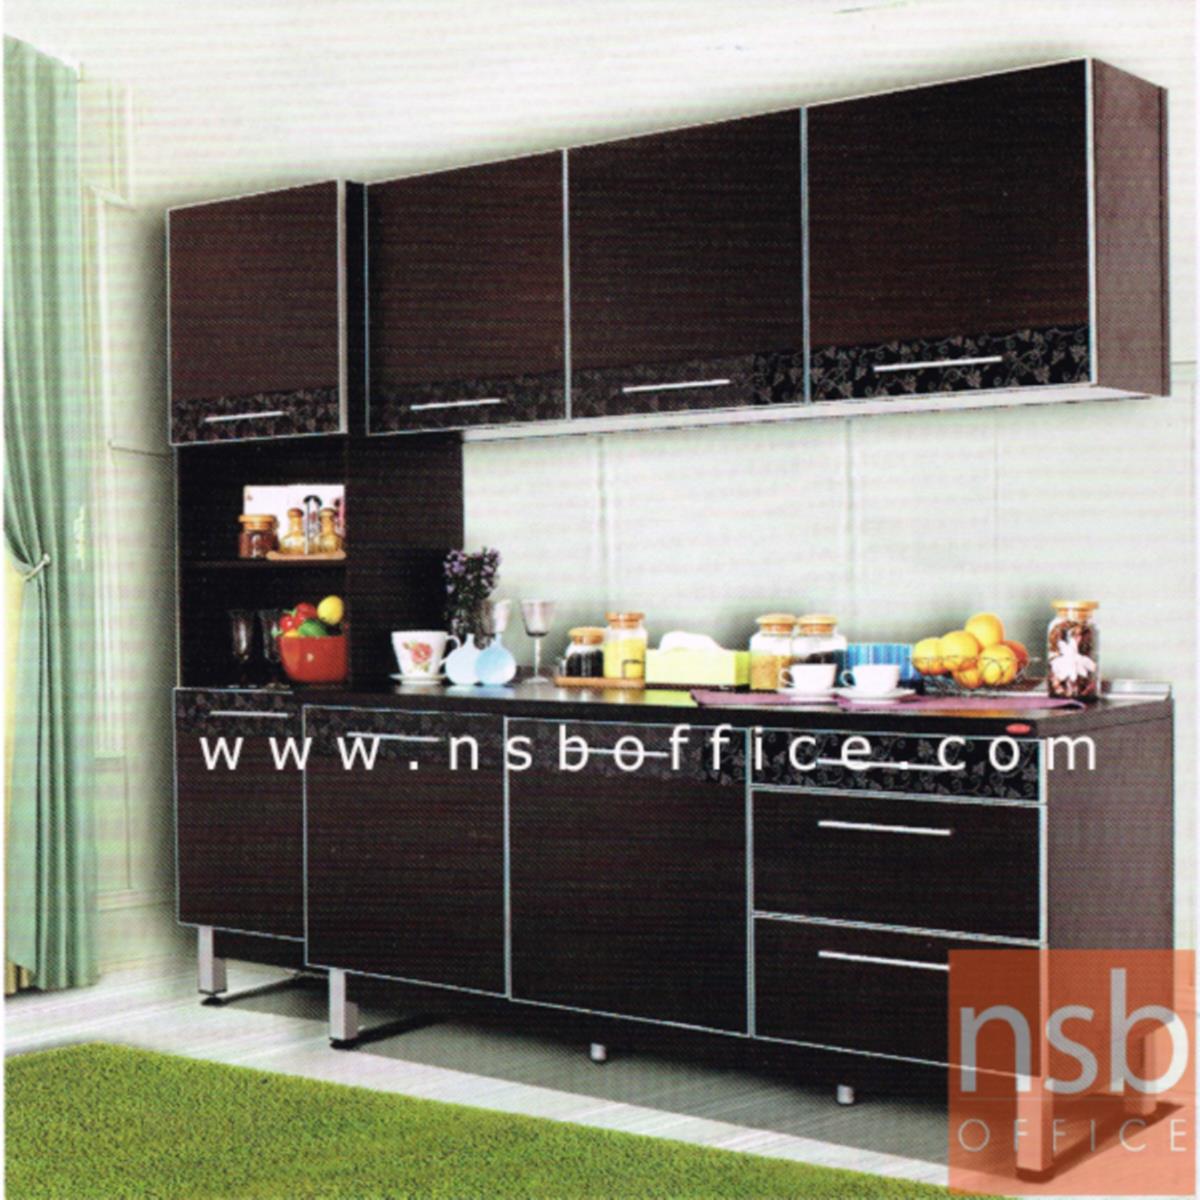 ตู้ครัวสูง 2 บานเปิด บน-ล่าง 2 ช่องโล่ง  รุ่น Balmain (บัลแมง)